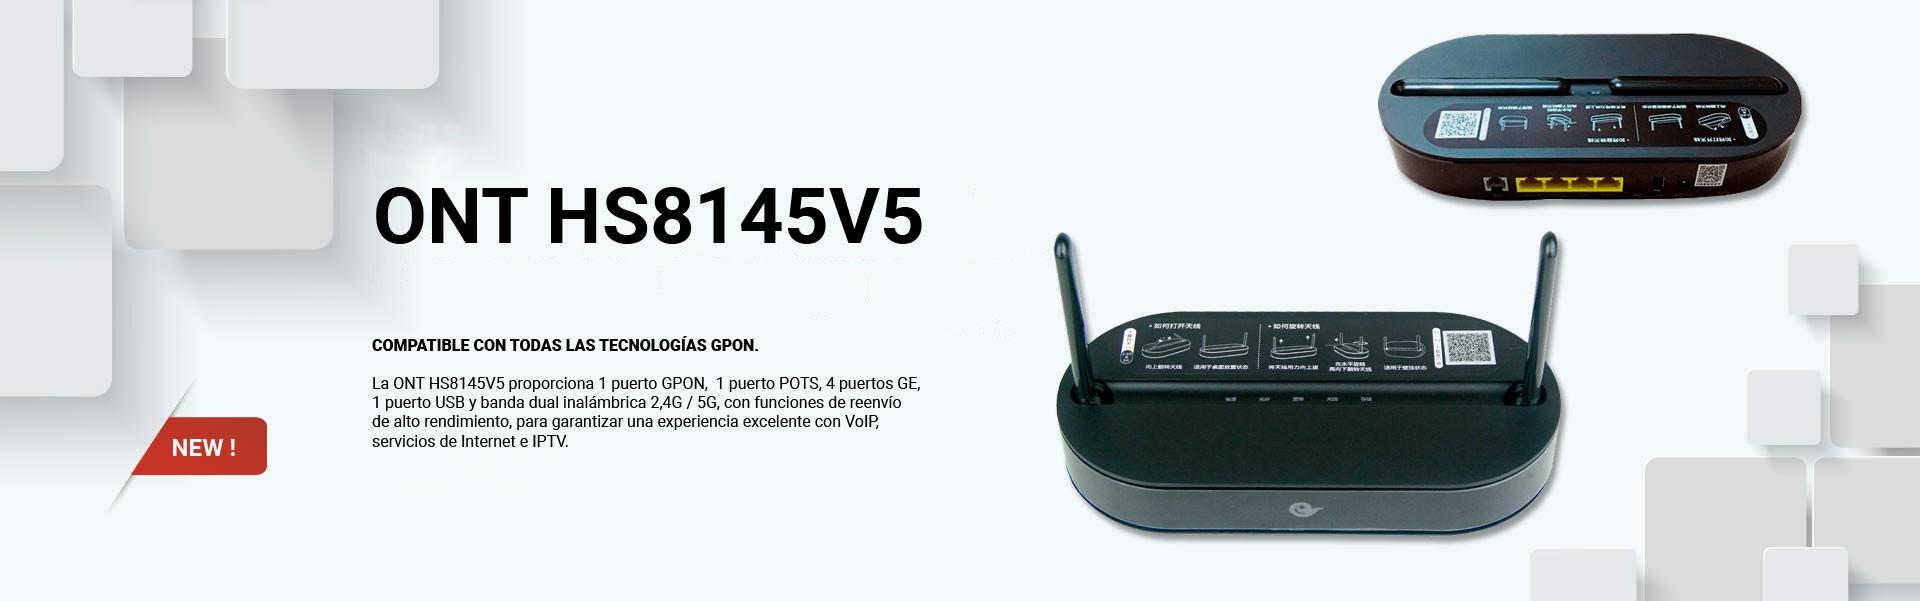 HUAWEI GPON HS8145V5 4 GE,1 POTSM